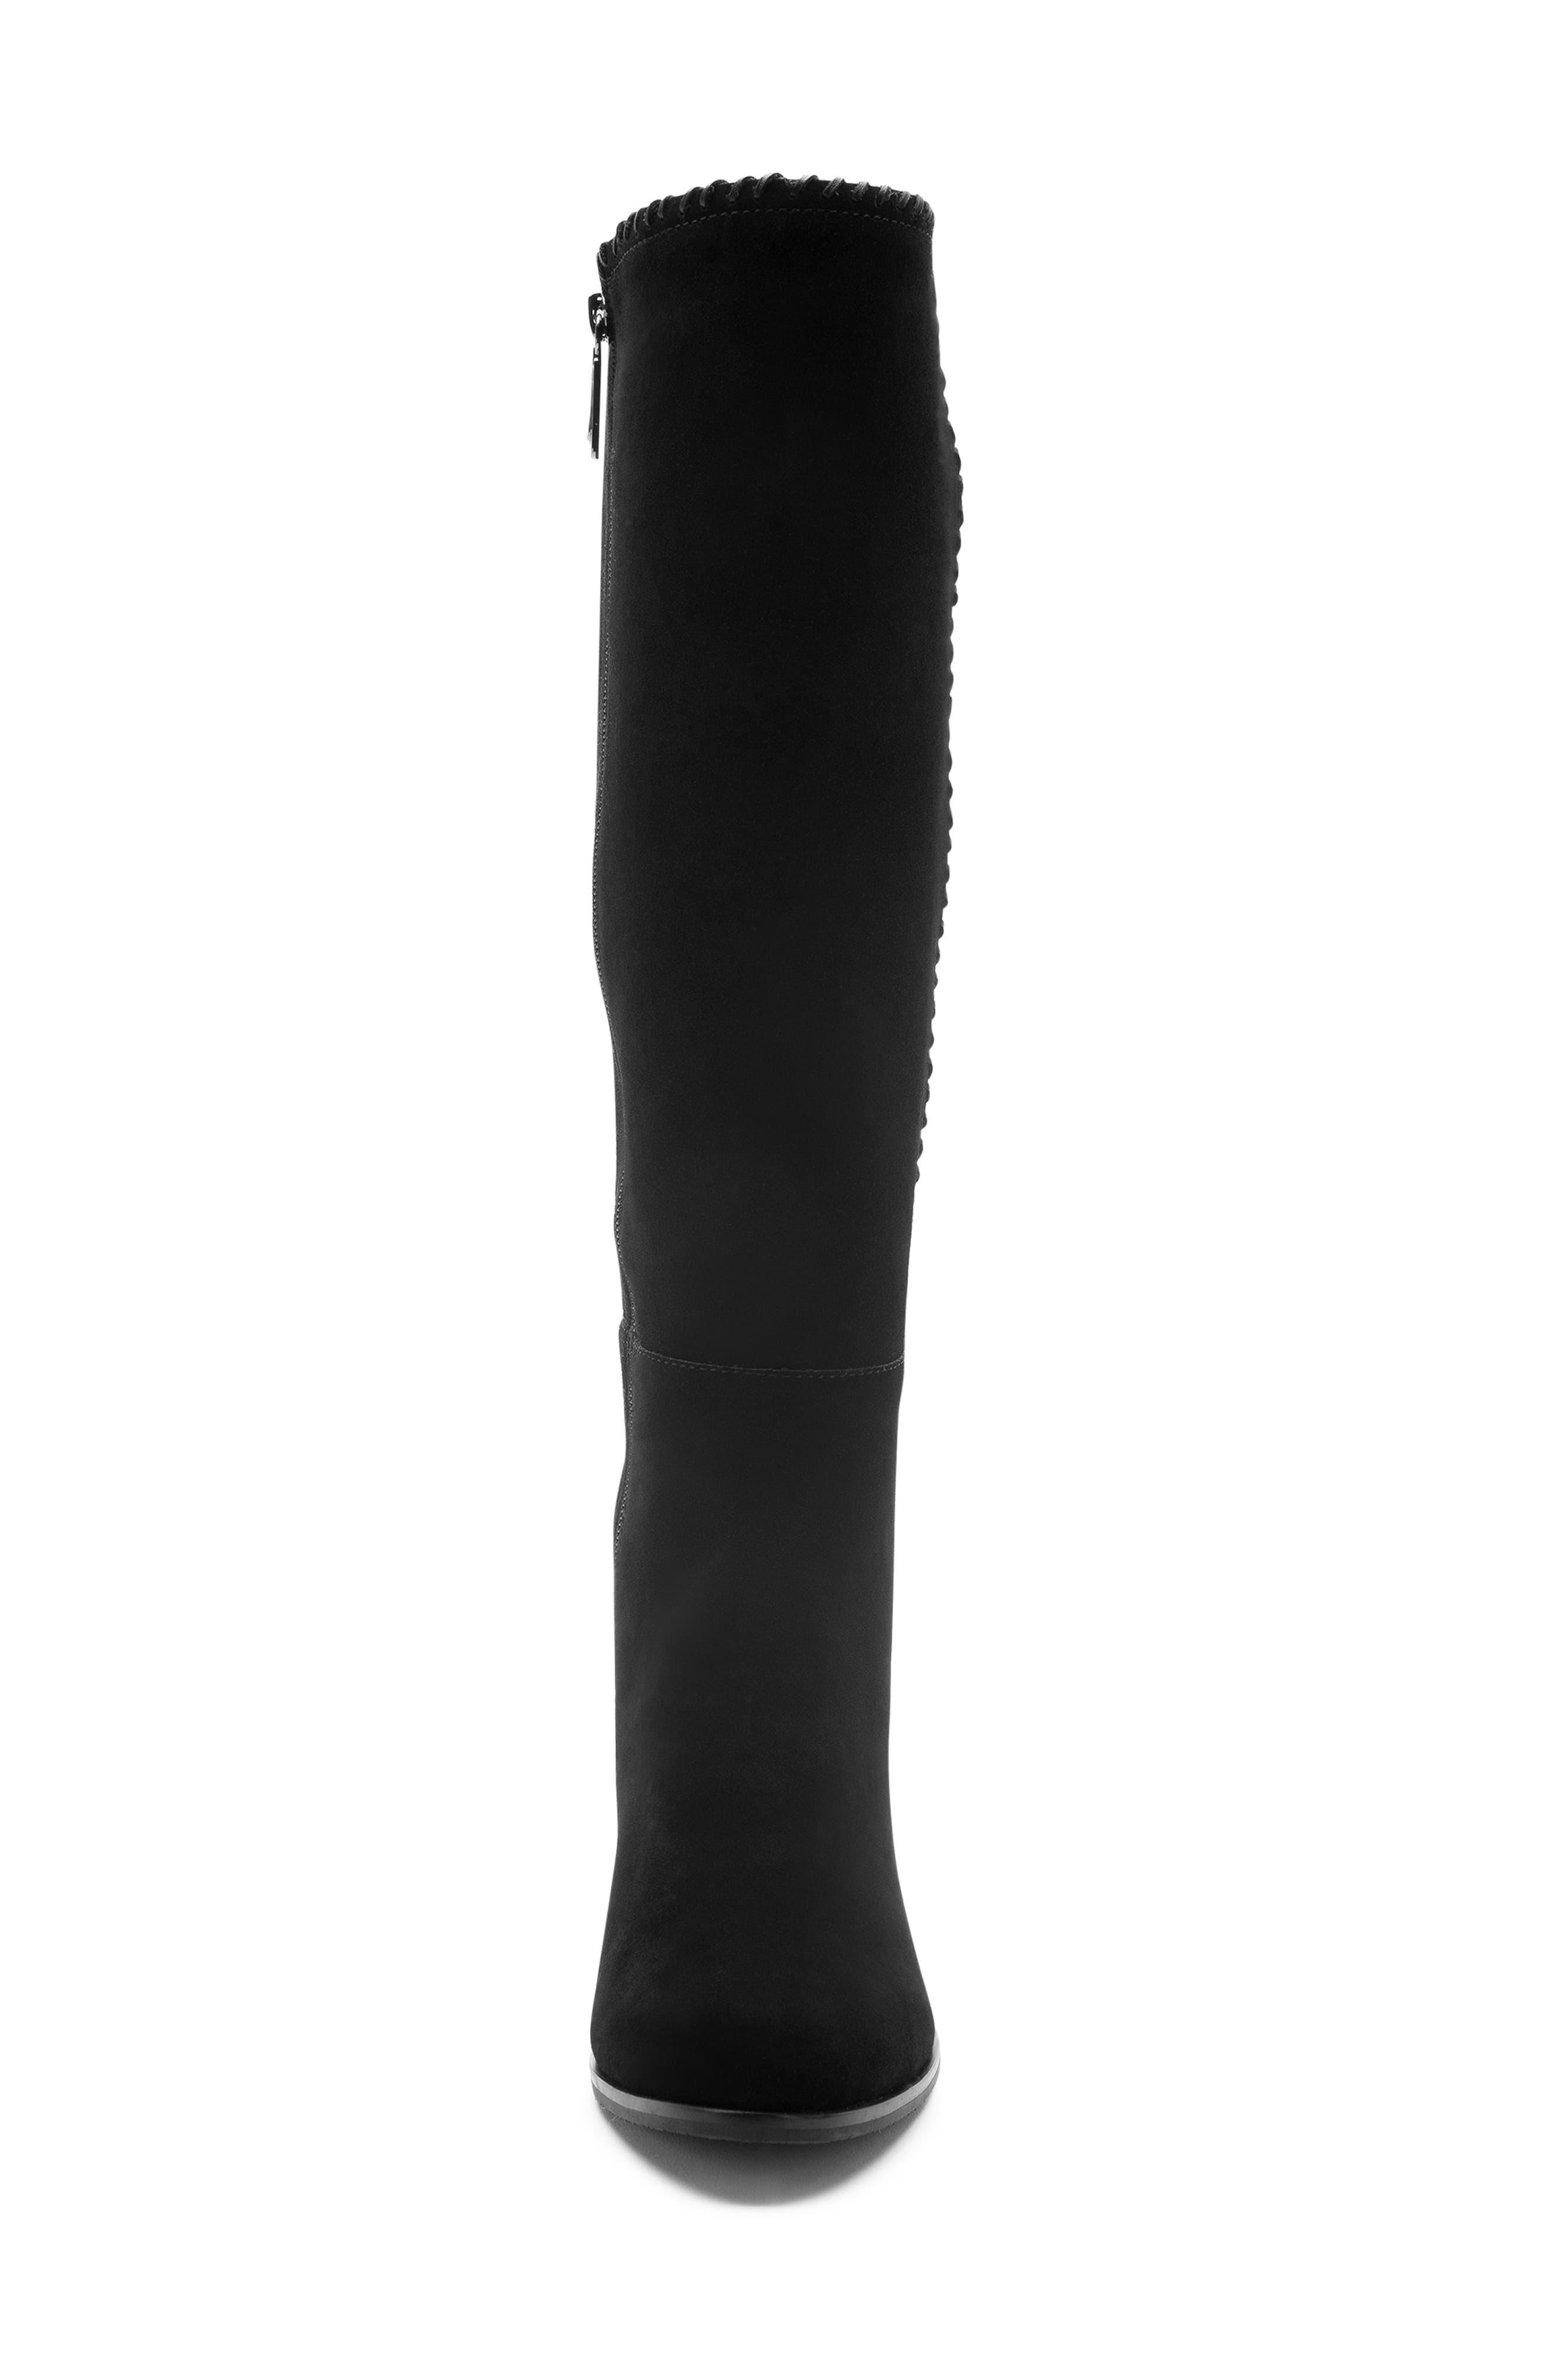 BLONDO, Edith Knee-High Waterproof Suede Boot, Alternate thumbnail 4, color, BLACK SUEDE